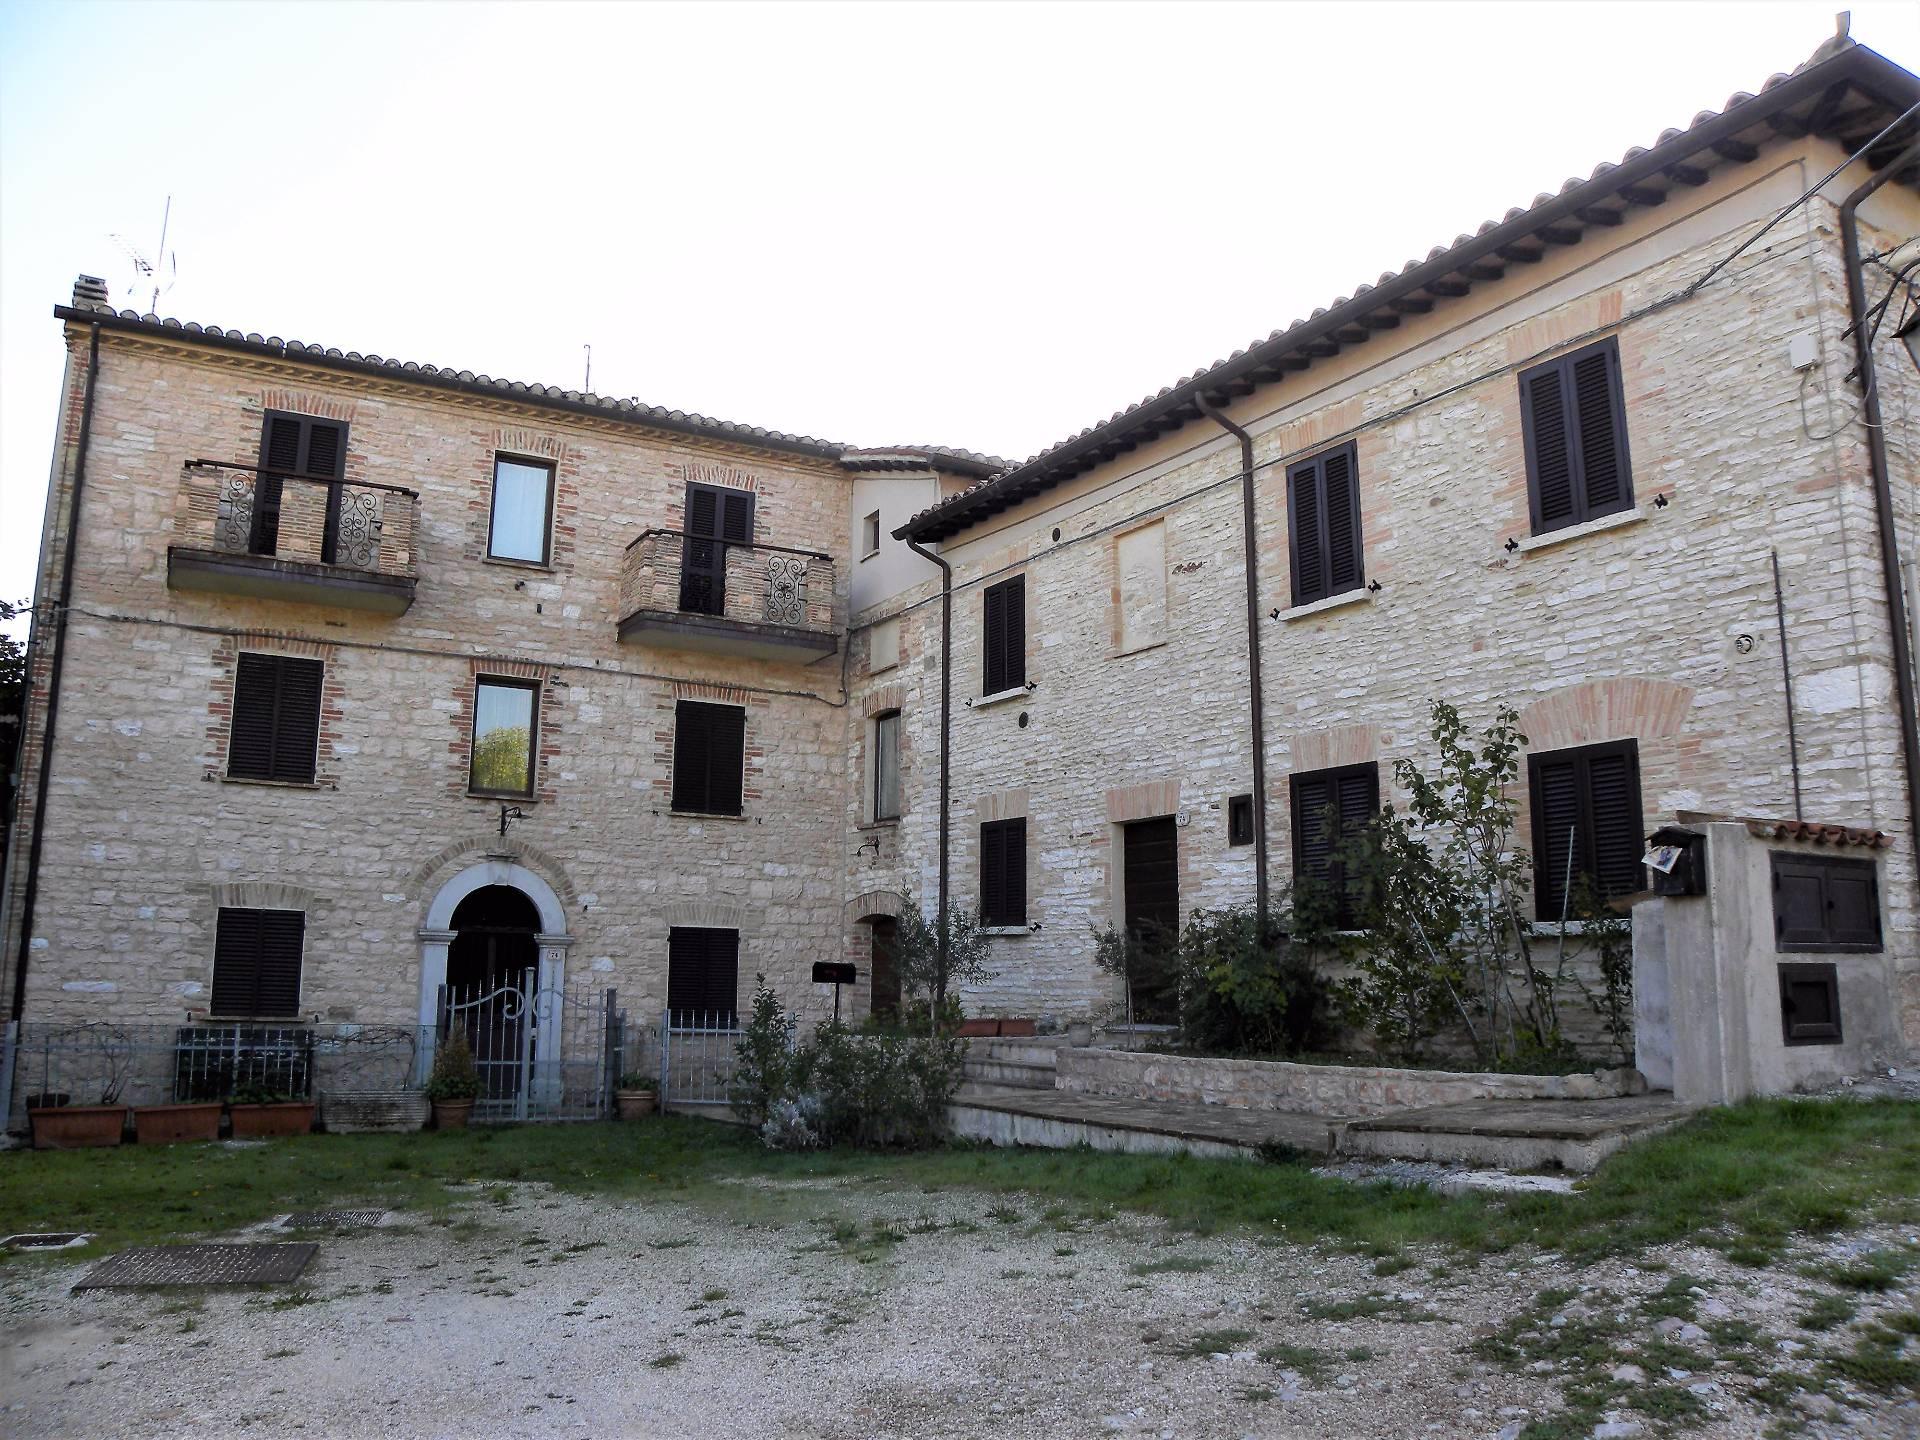 Appartamento in vendita a Fossato di Vico, 3 locali, prezzo € 65.000 | CambioCasa.it